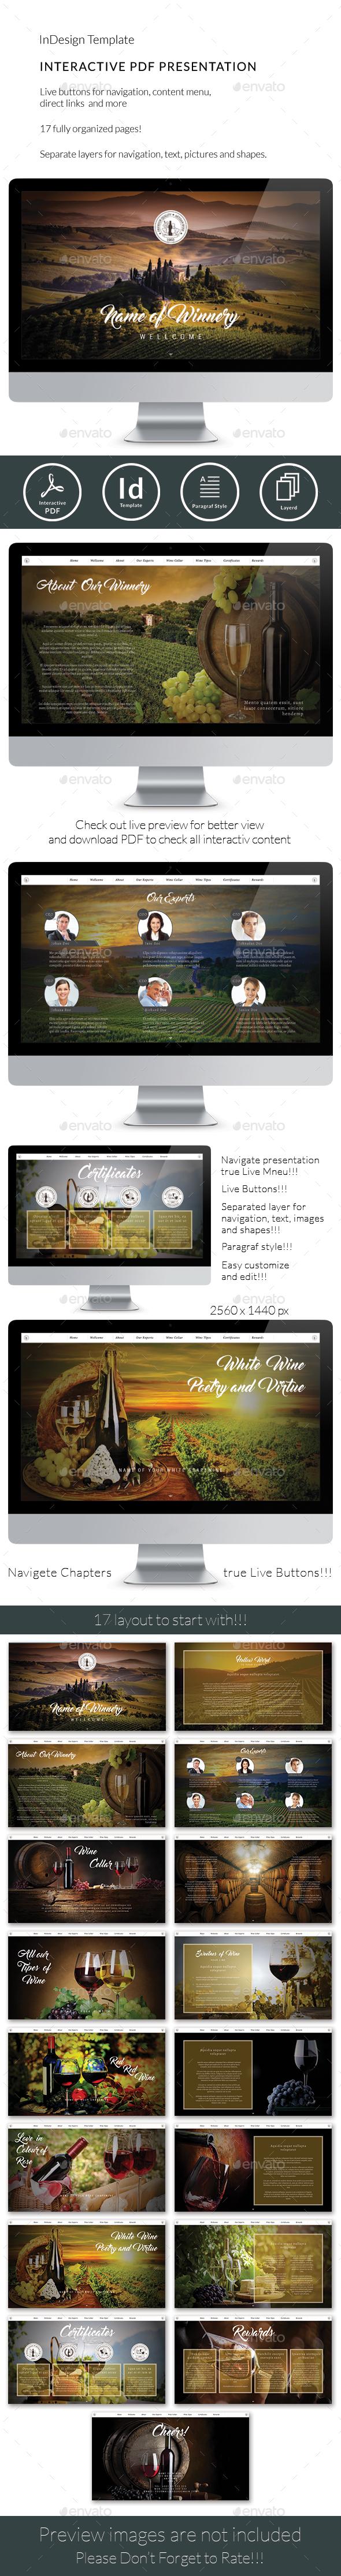 Interactive Winery Presentation - ePublishing